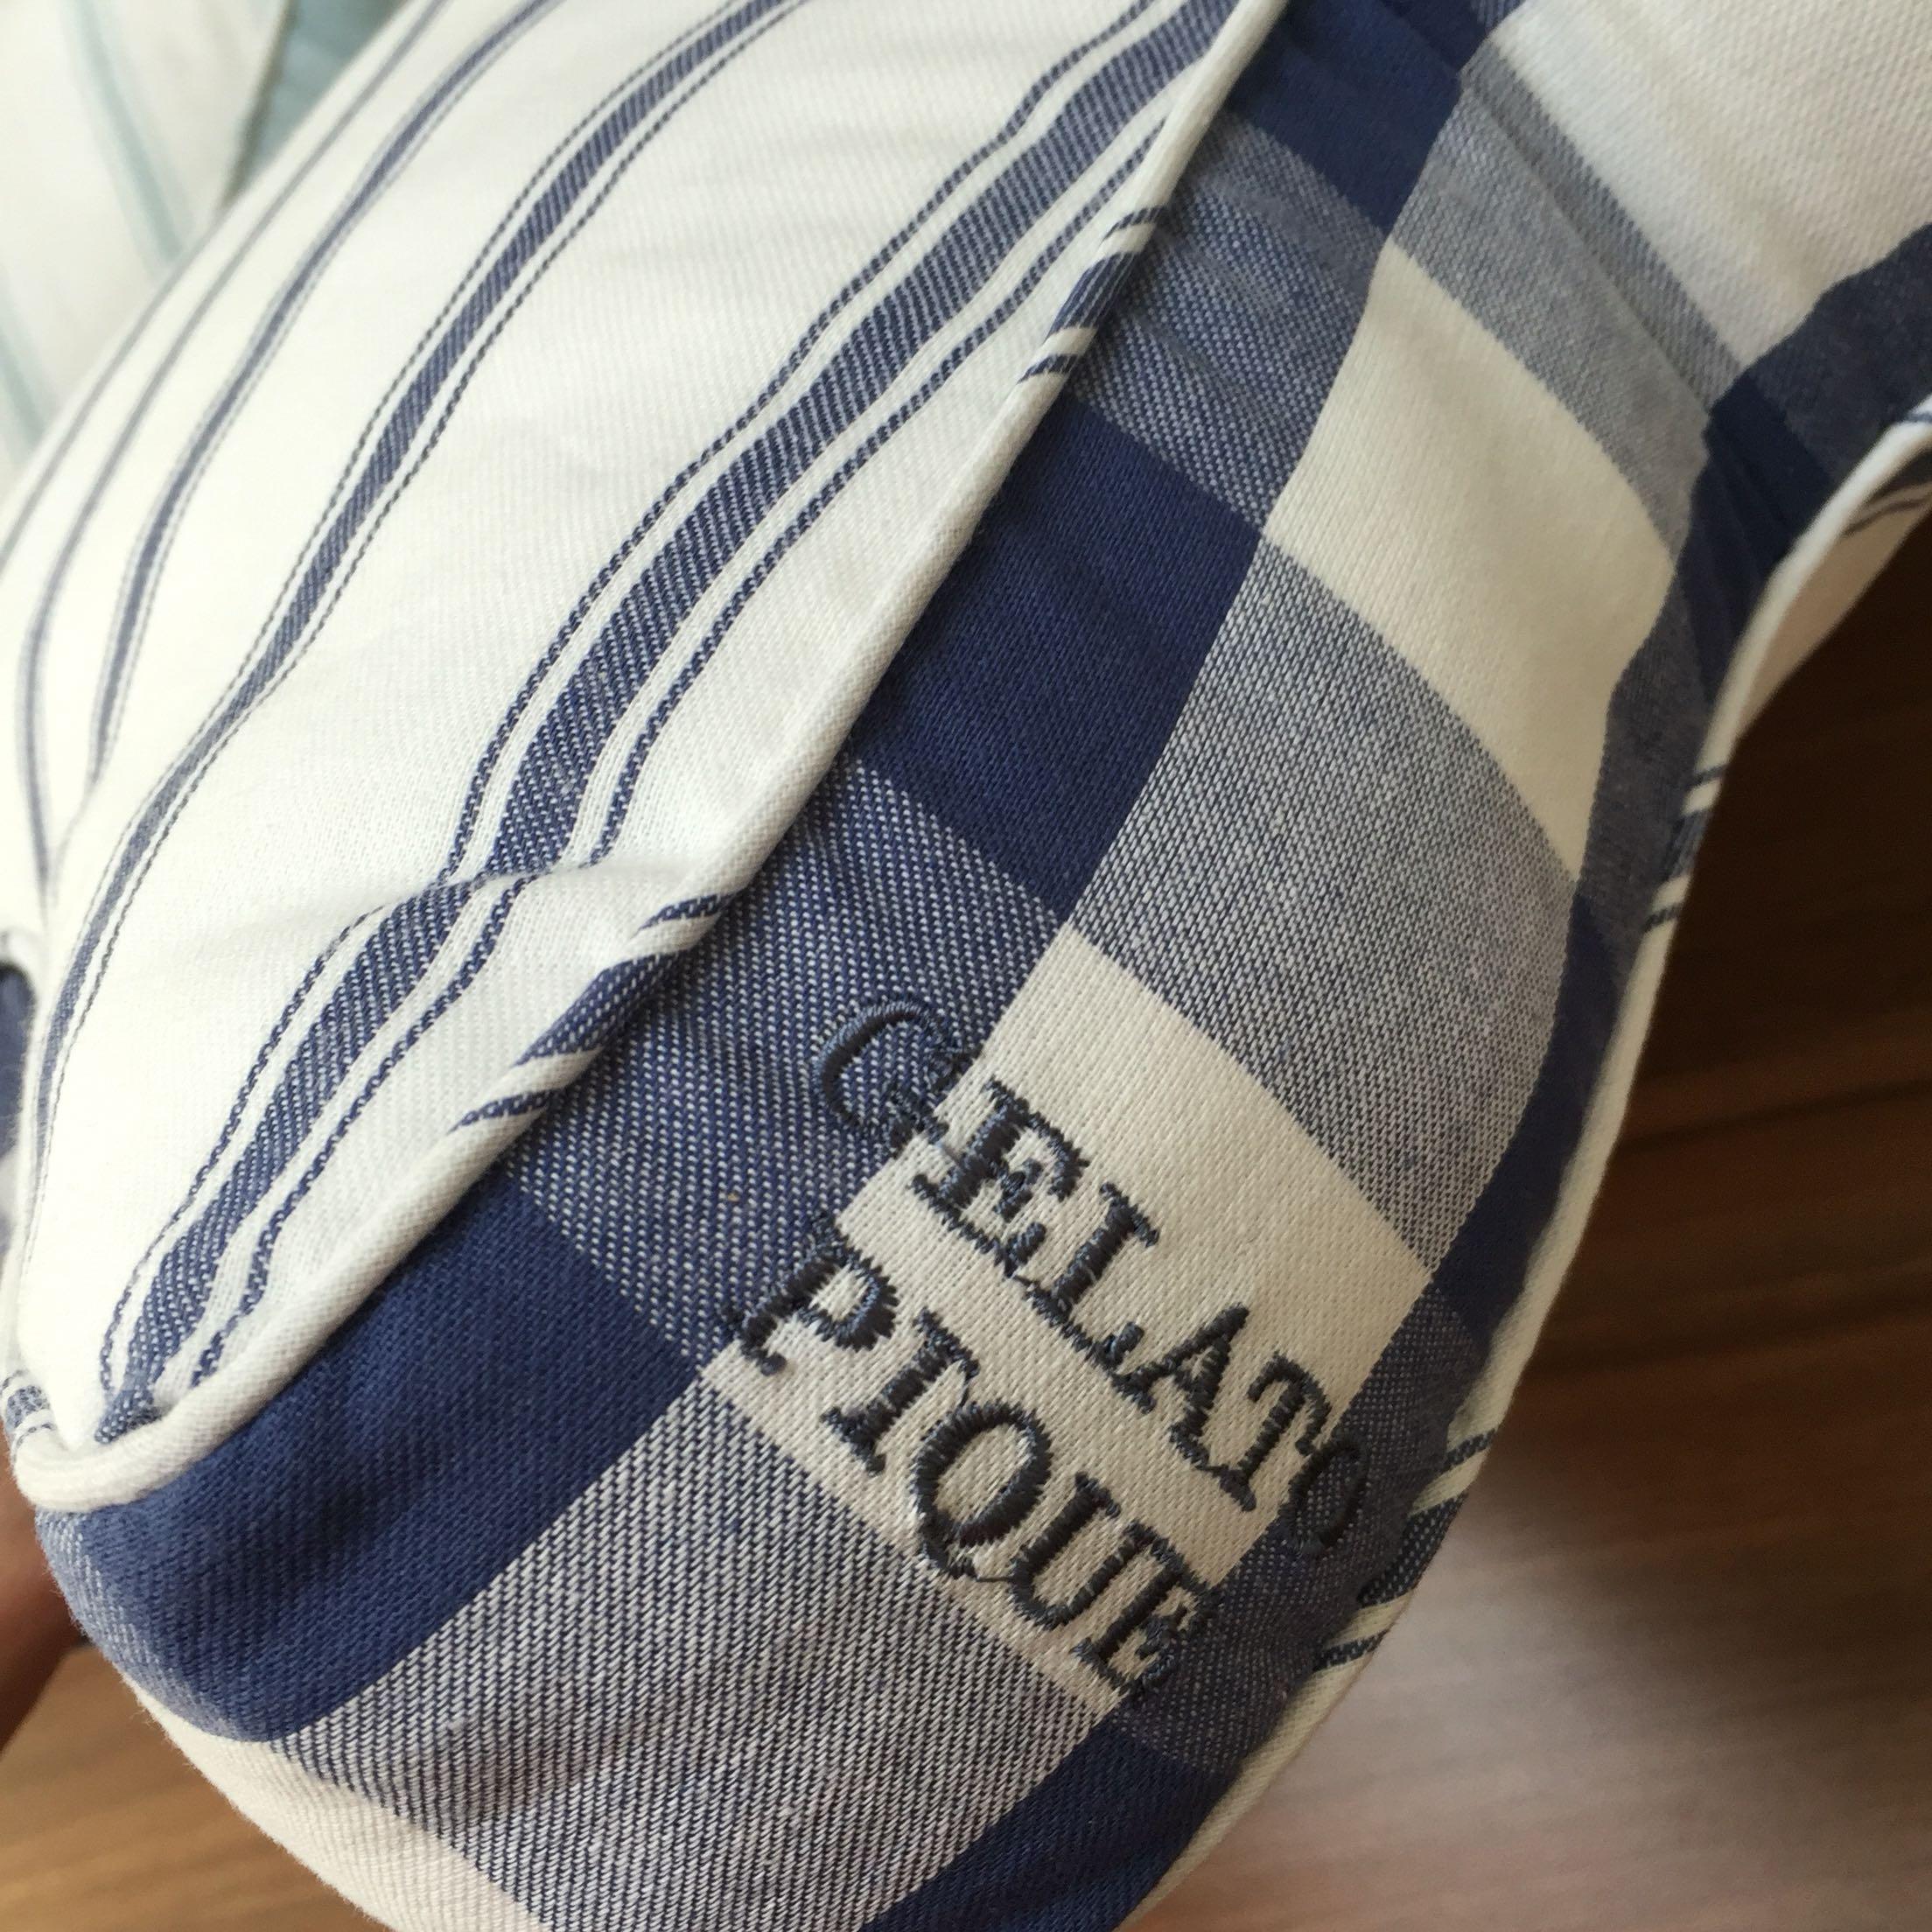 五角星垫子大抱枕 靠垫 坐垫 床品装饰  沙发 靠垫